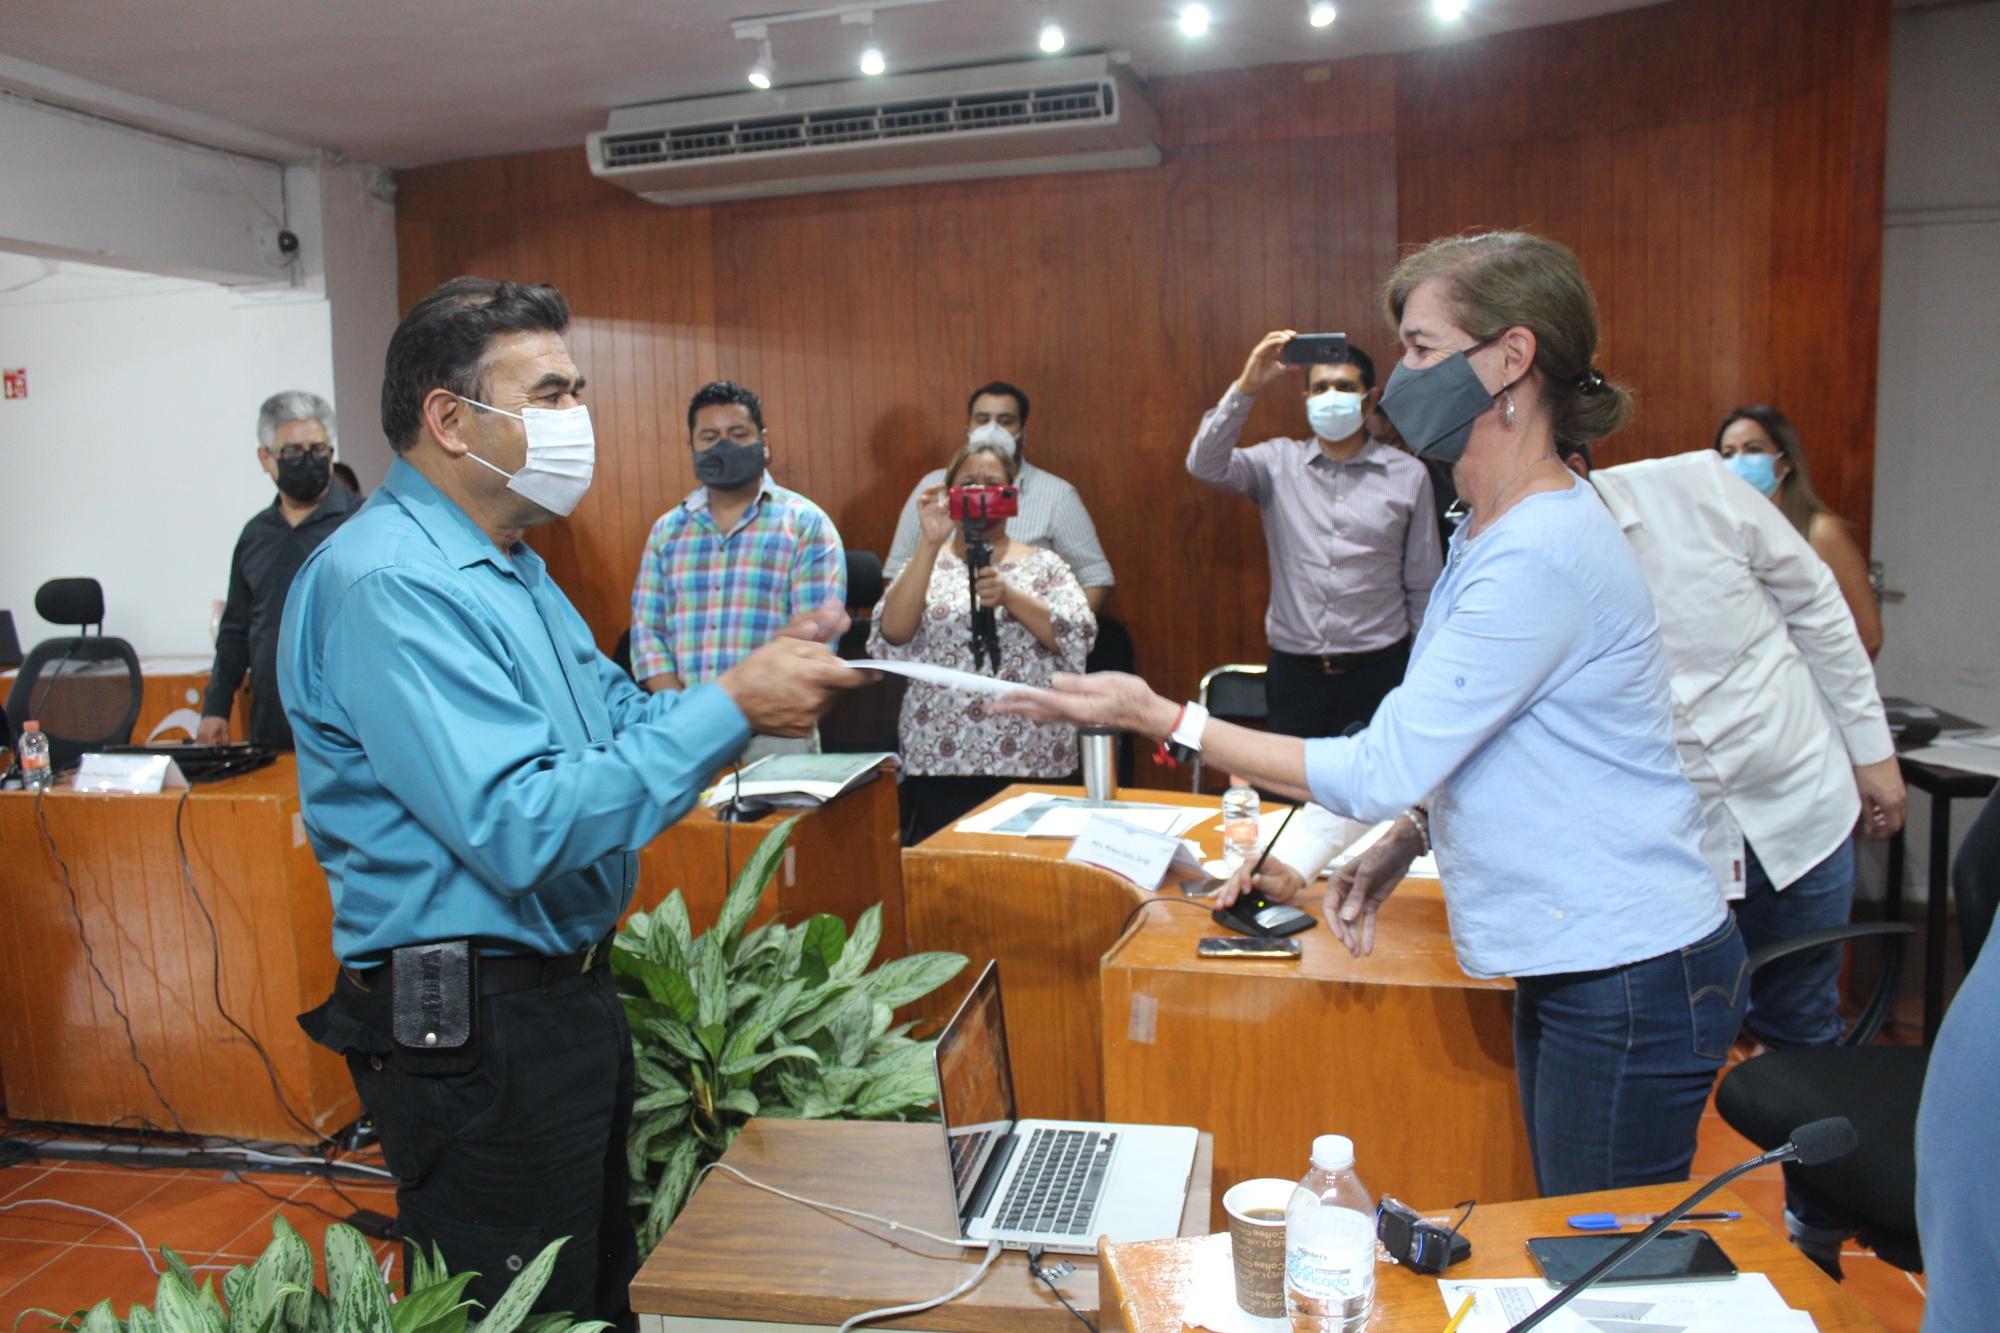 Impepac finalizó el cómputo de Tepalcingo y confirmó a Jesús Juan Rogel como ganador de la alcaldía